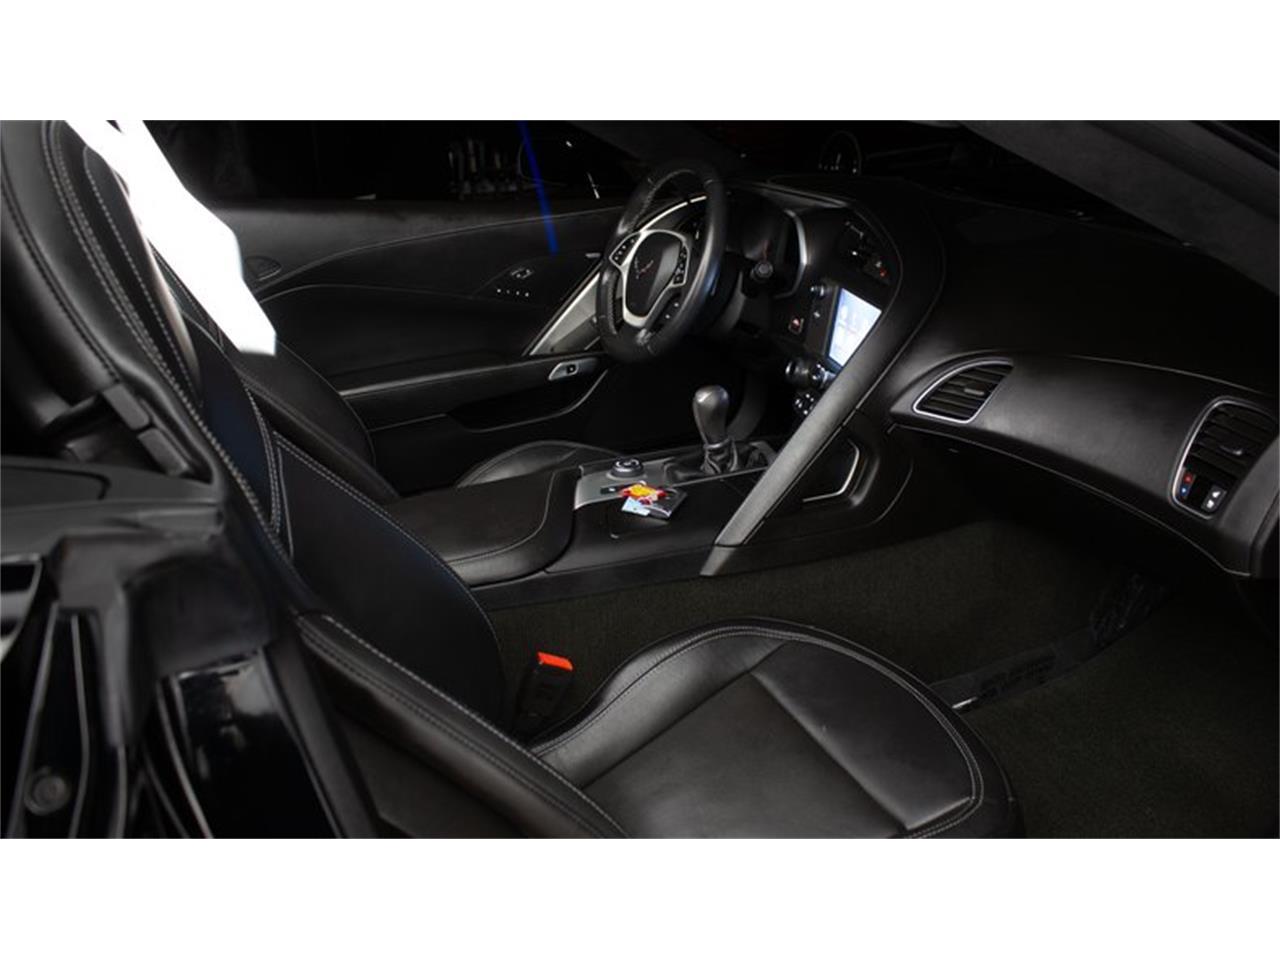 2015 Chevrolet Corvette (CC-1317656) for sale in Rockville, Maryland